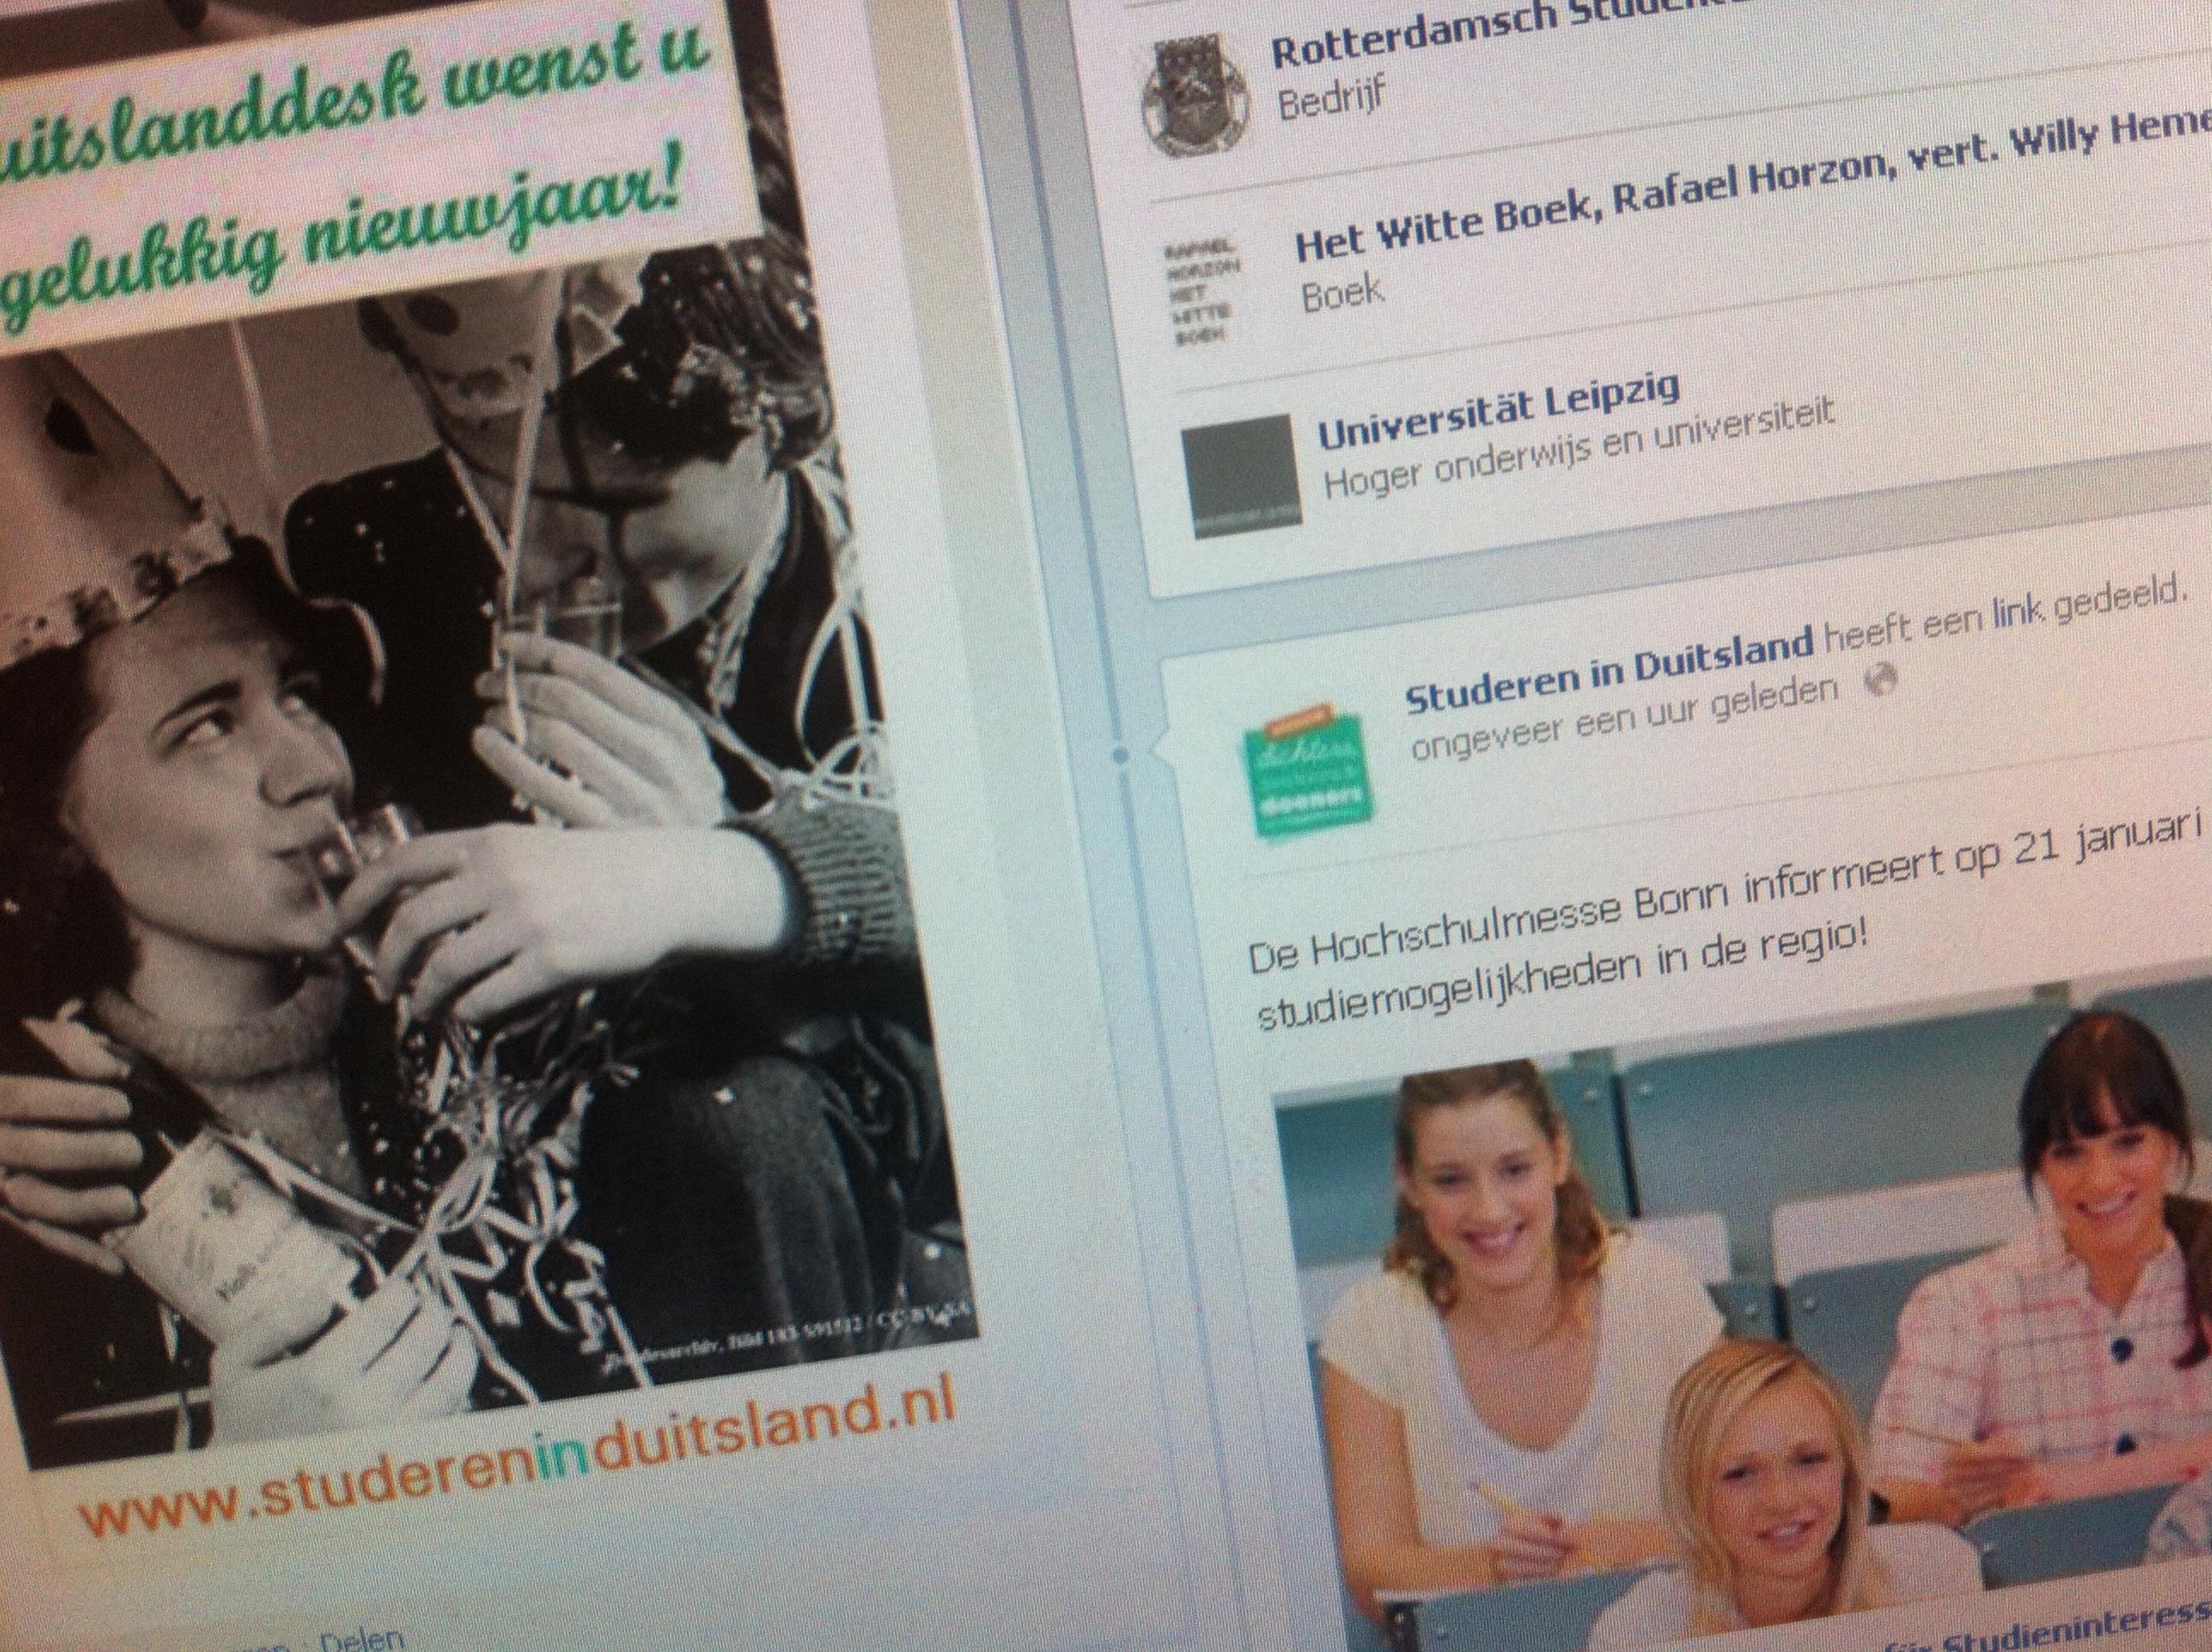 Studeren in Duitsland op Facebook